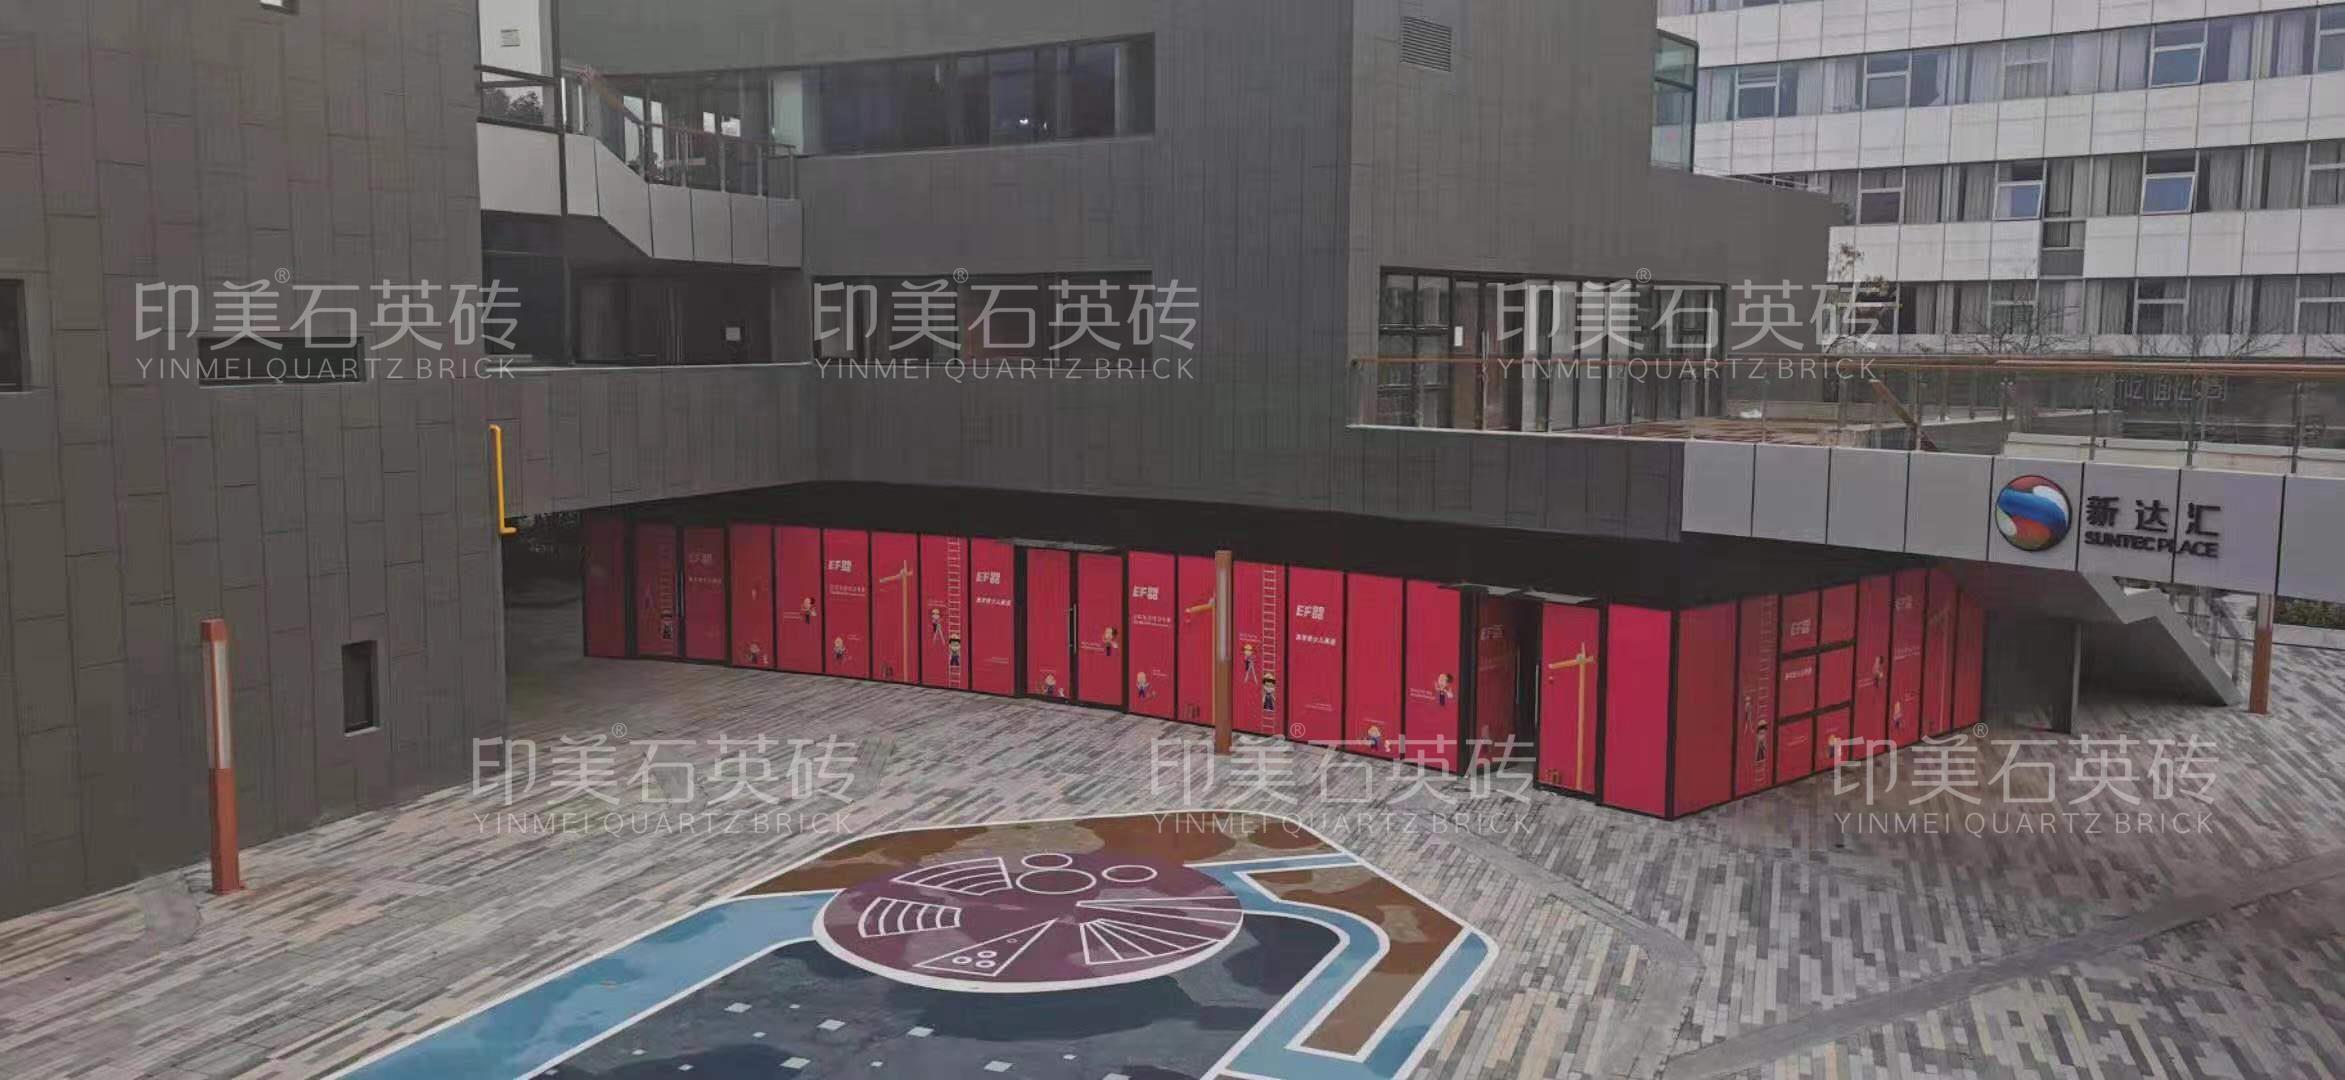 上海三林印象城